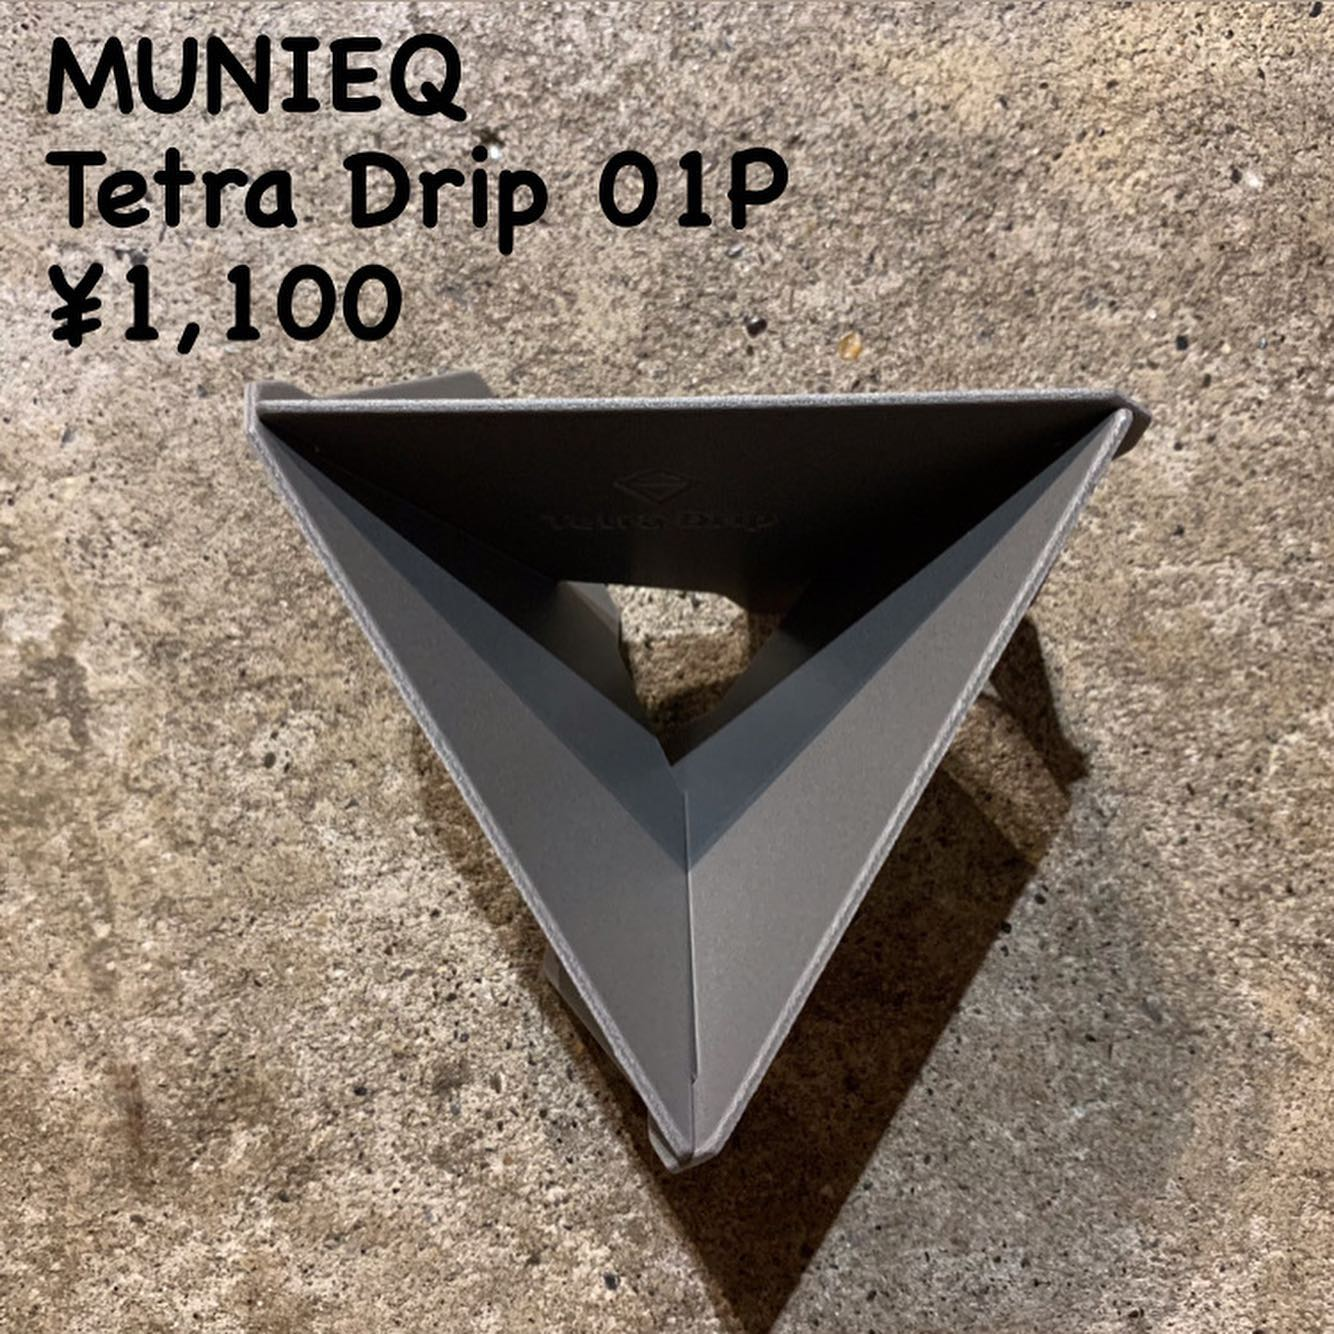 折りたたみ式コーヒードリッパー『MUNIEQ テトラ ドリップ 01P』のご紹介